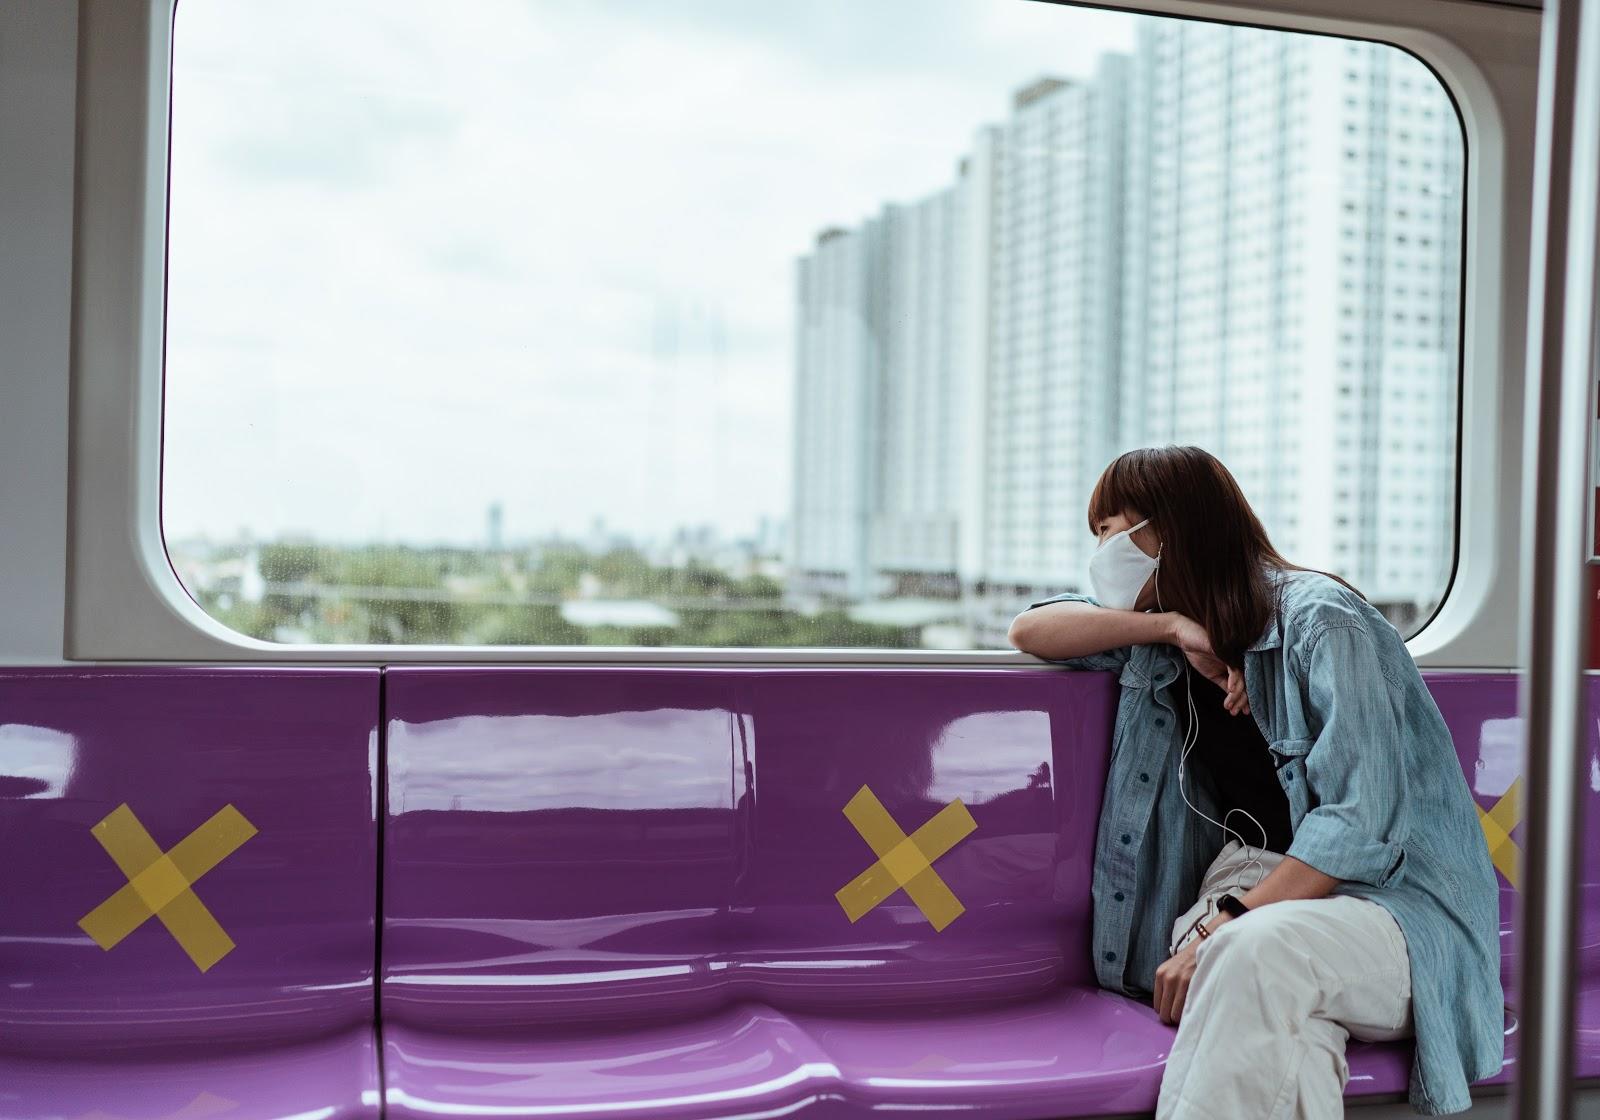 Mesmo com medidas de segurança sanitária, passageiros deixaram de utilizar transporte coletivo (Fonte: Pexels/Ketut Subiyanto)